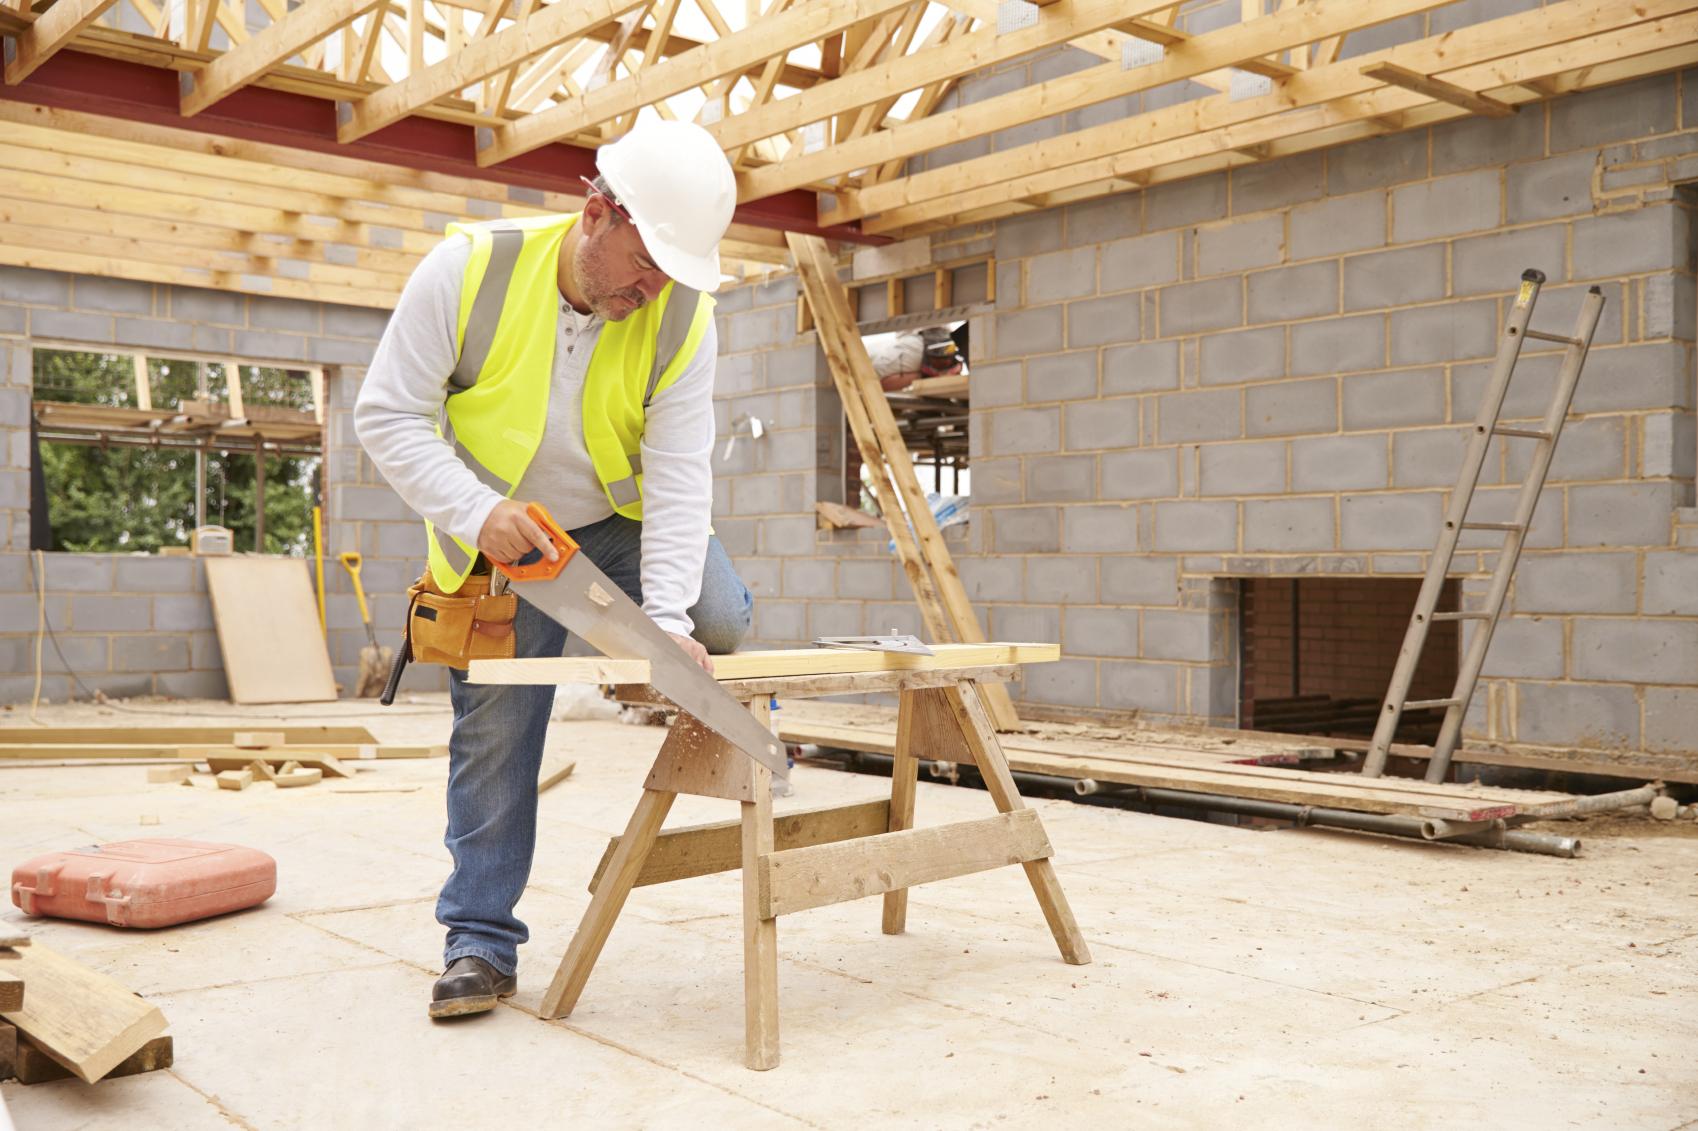 was kostet ein dachausbau dach anheben kosten im berblick myhammer magazin home dachkomplett. Black Bedroom Furniture Sets. Home Design Ideas